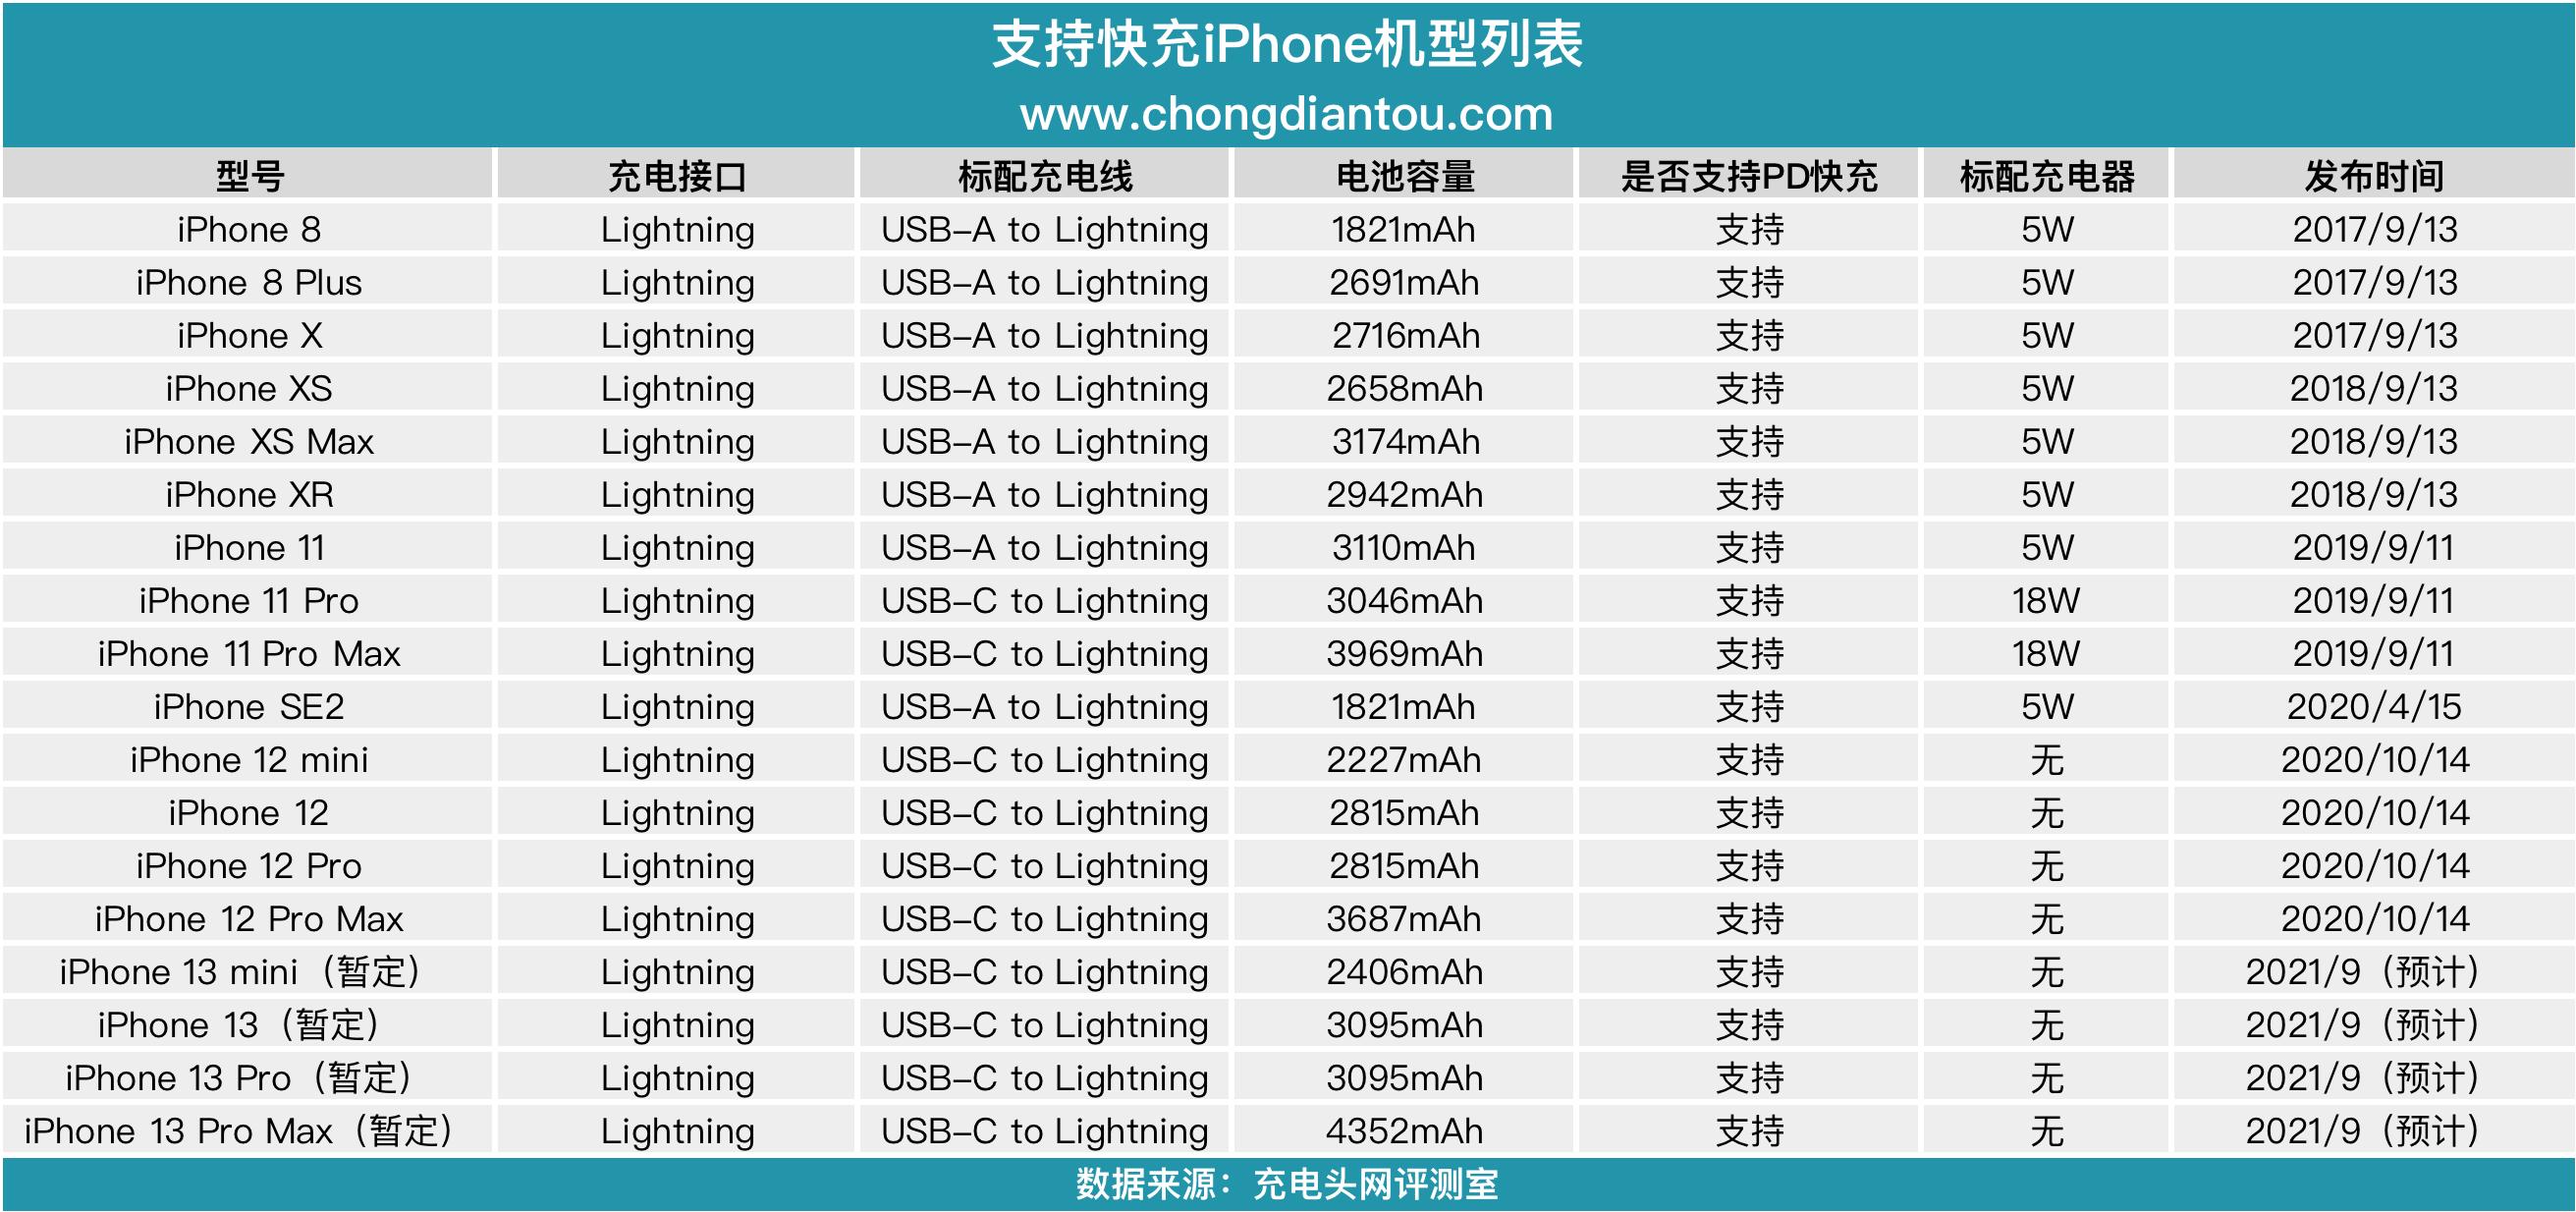 苹果iPhone 13 电池容量暴涨,充电器恐将升级?-充电头网